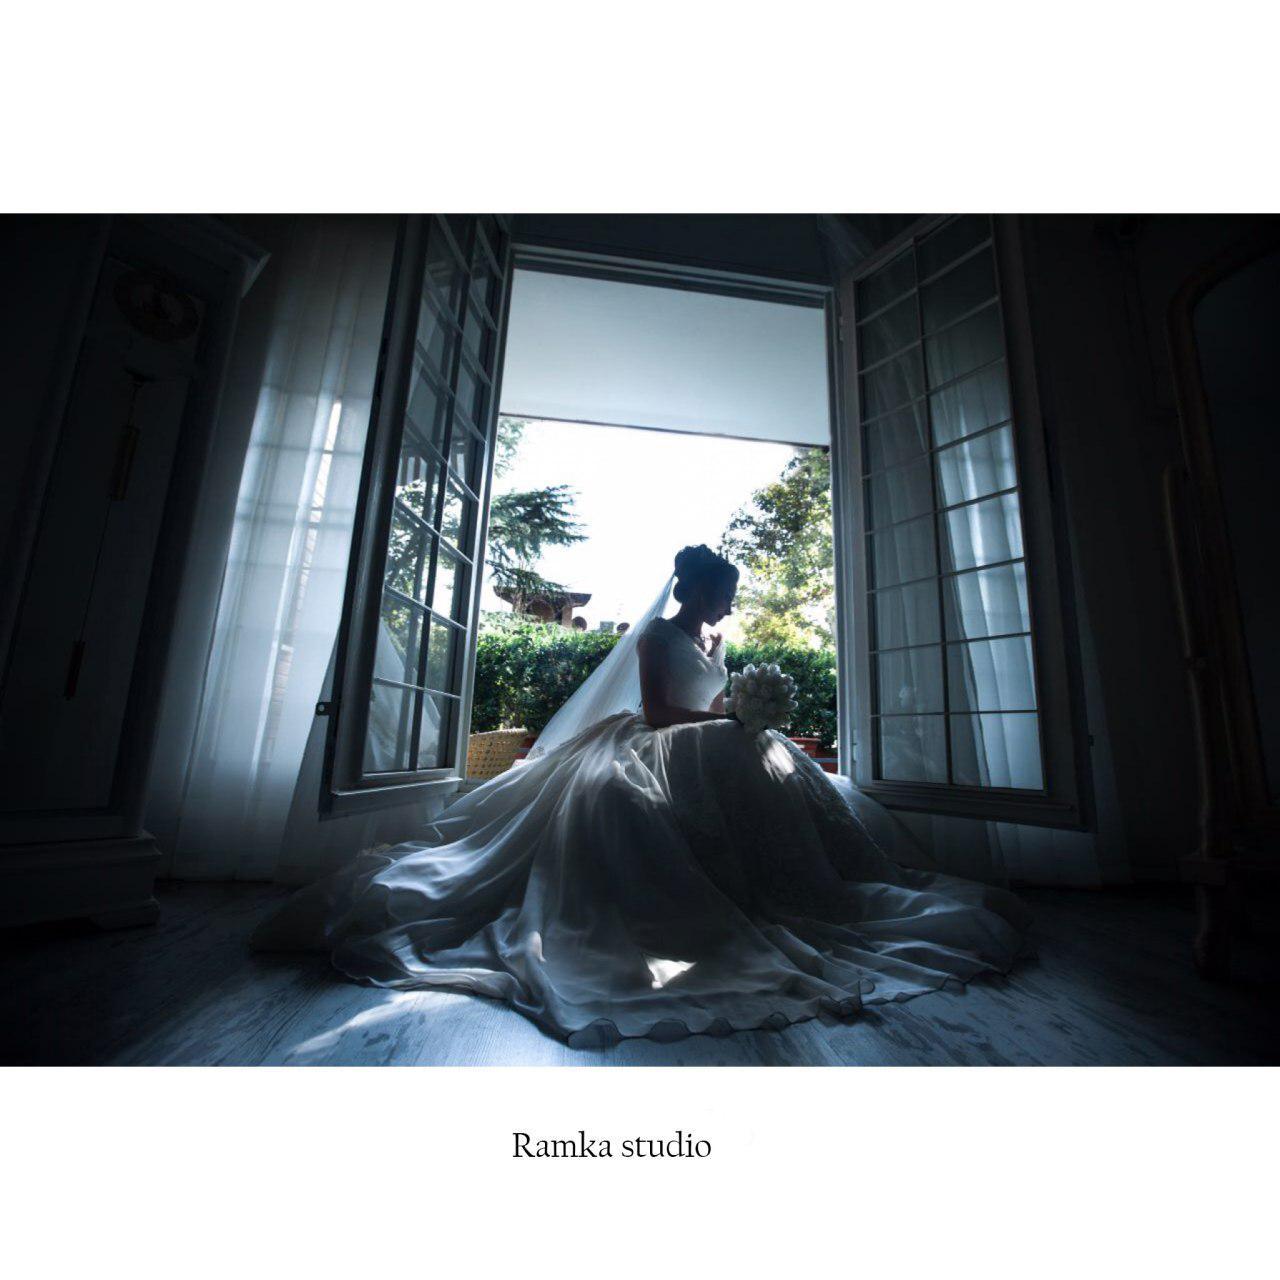 آتلیه عکس و فیلم رامکا | عروس